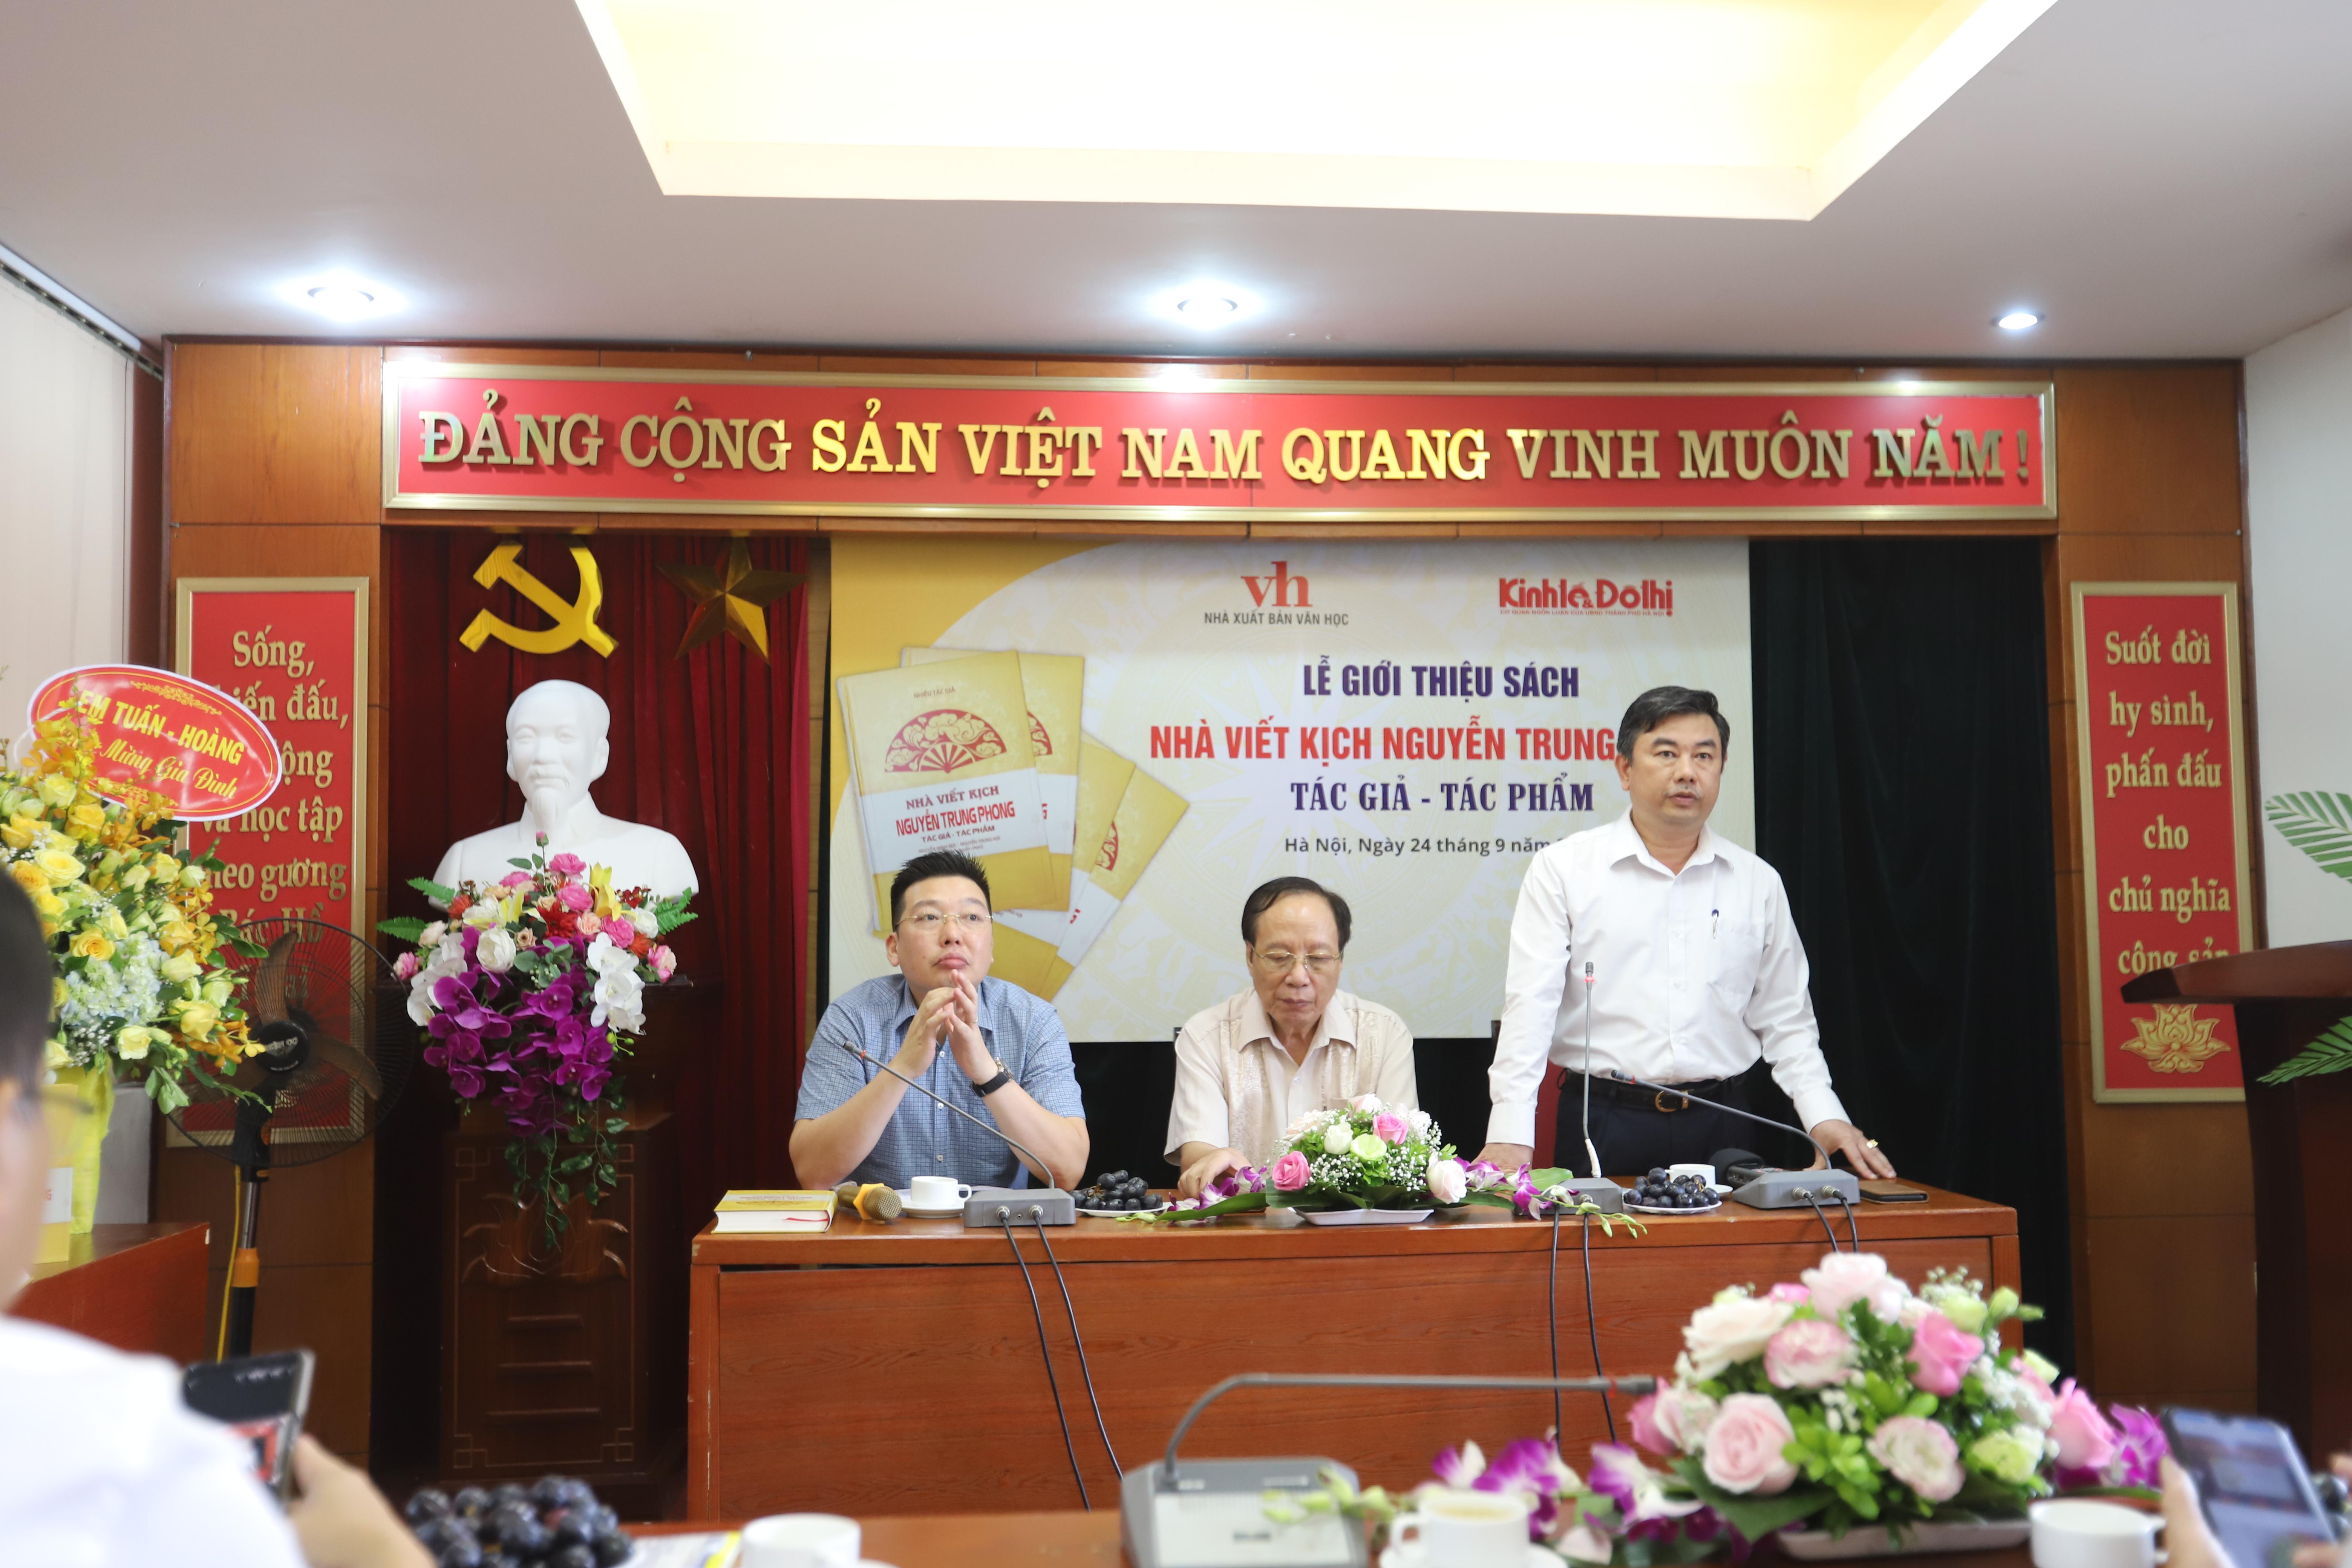 """Lễ giới thiệu sách """"Nhà viết kịch Nguyễn Trung Phong: Tác giả - tác phẩm""""."""